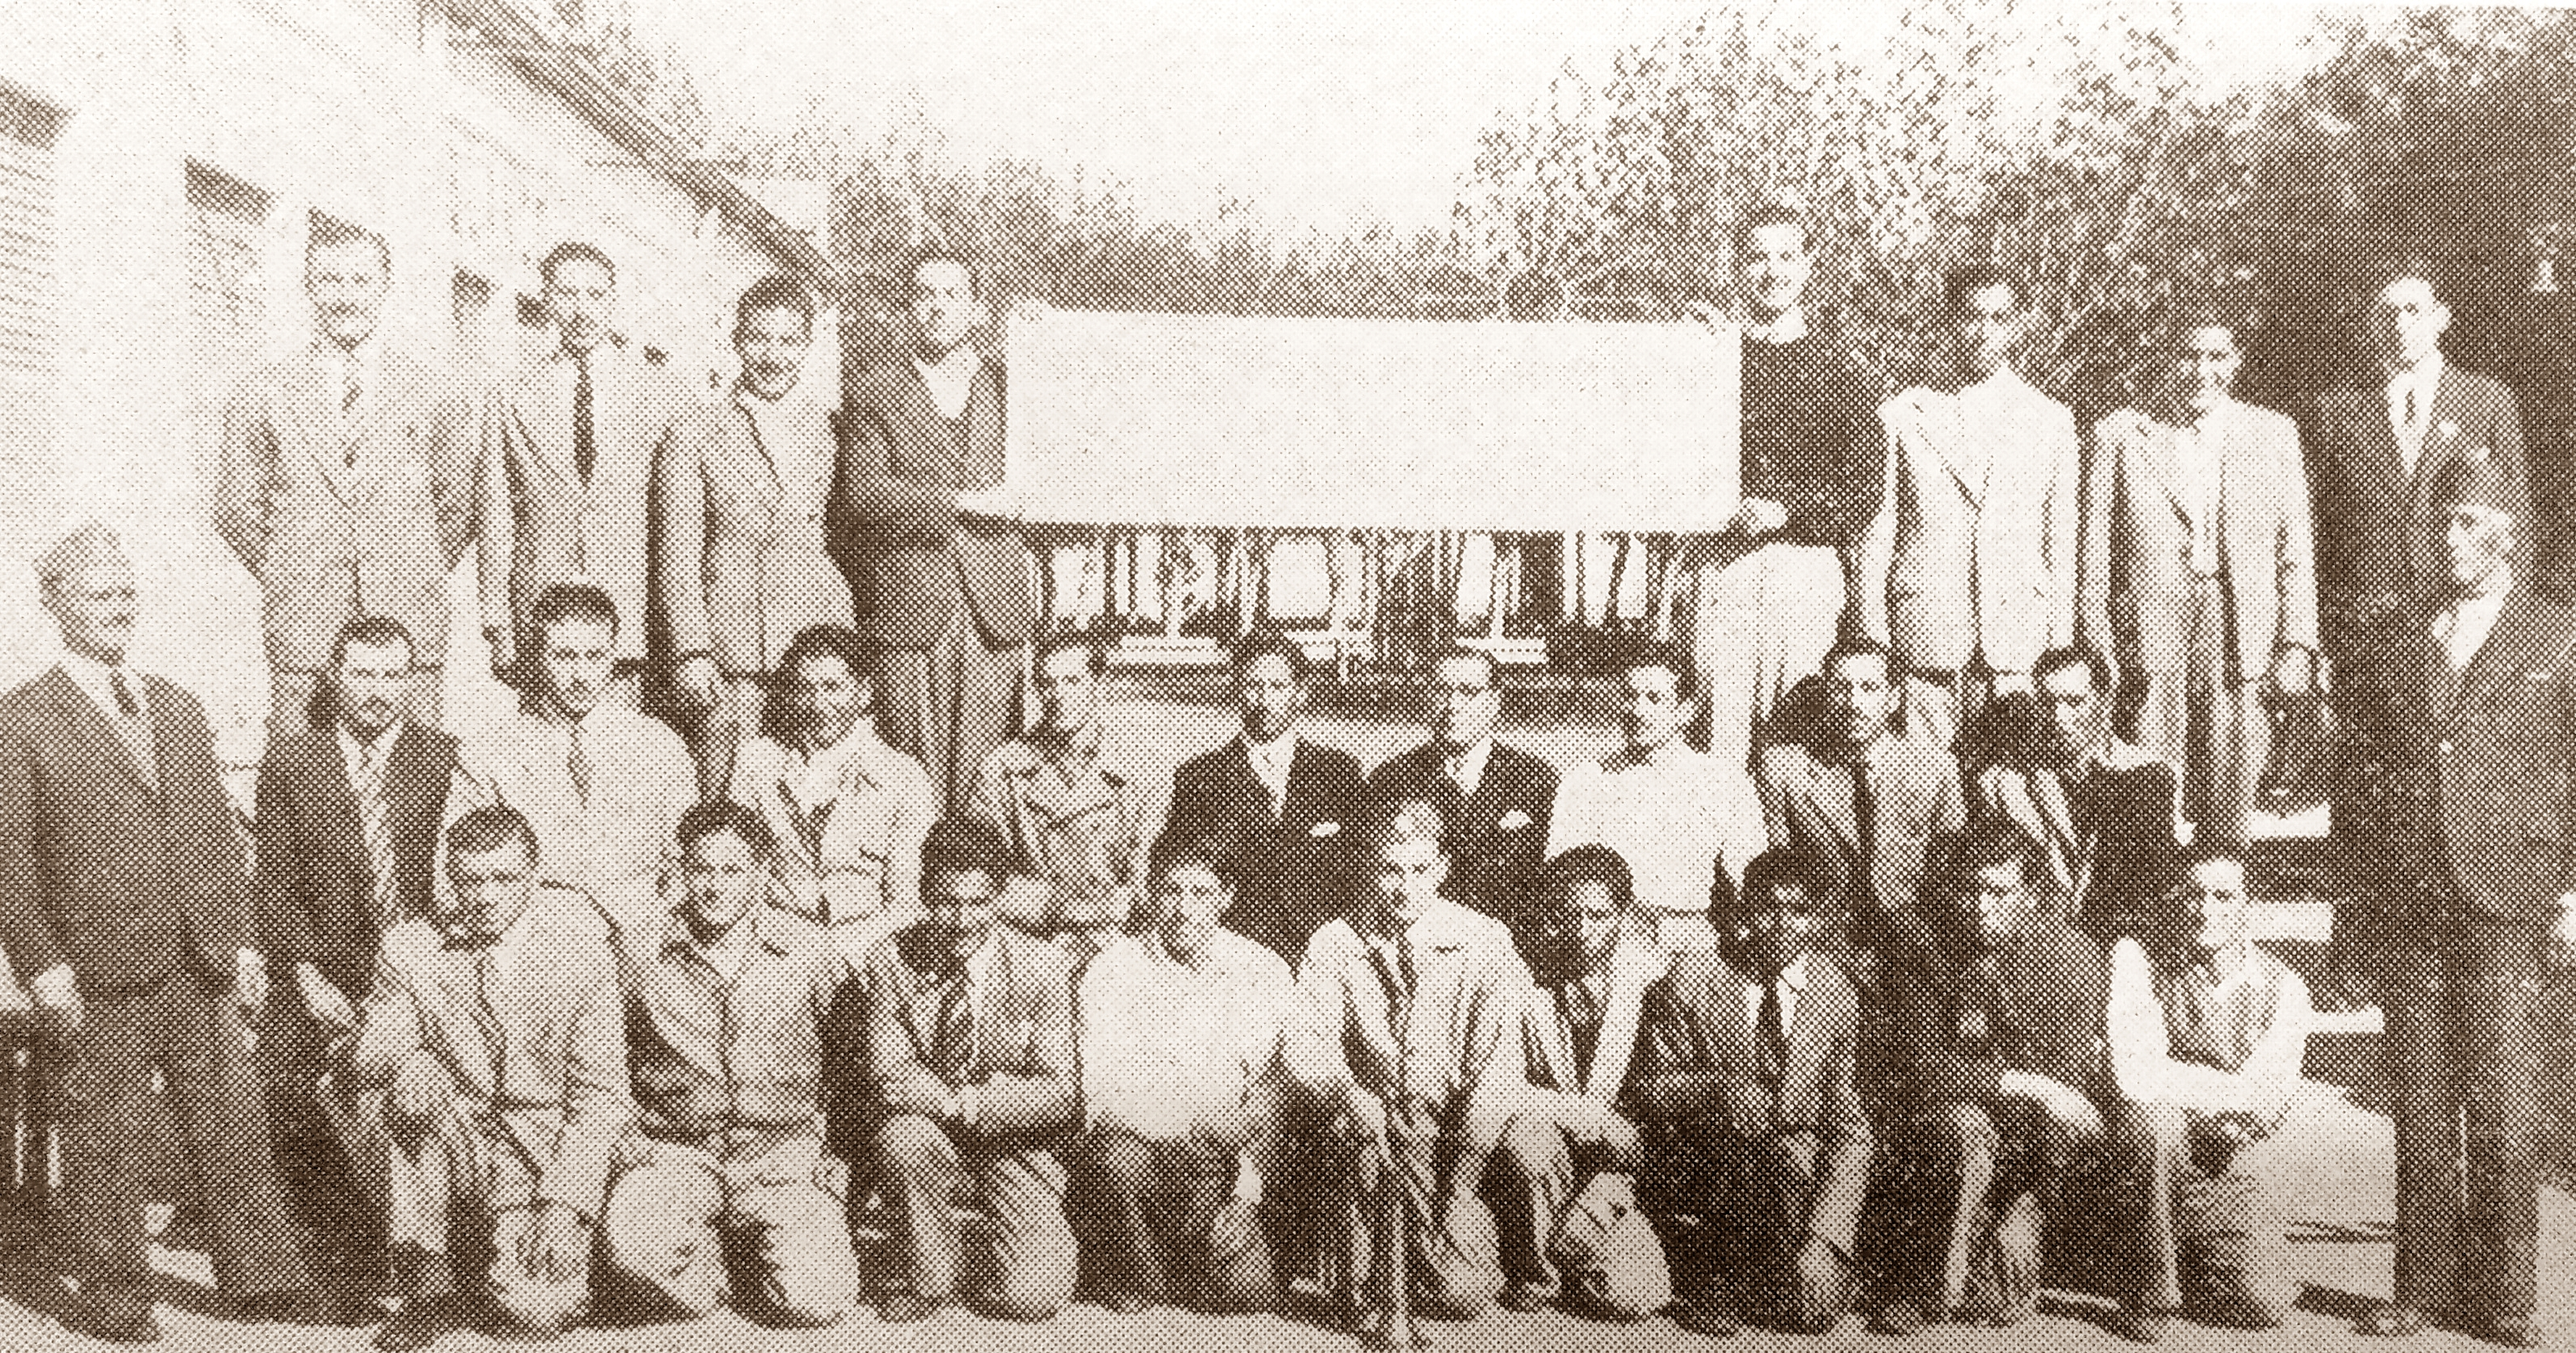 """Los primeros bomberos voluntarios, en 1945, bajo el lema: """"Abnegación, sacrificio, desinterés"""""""